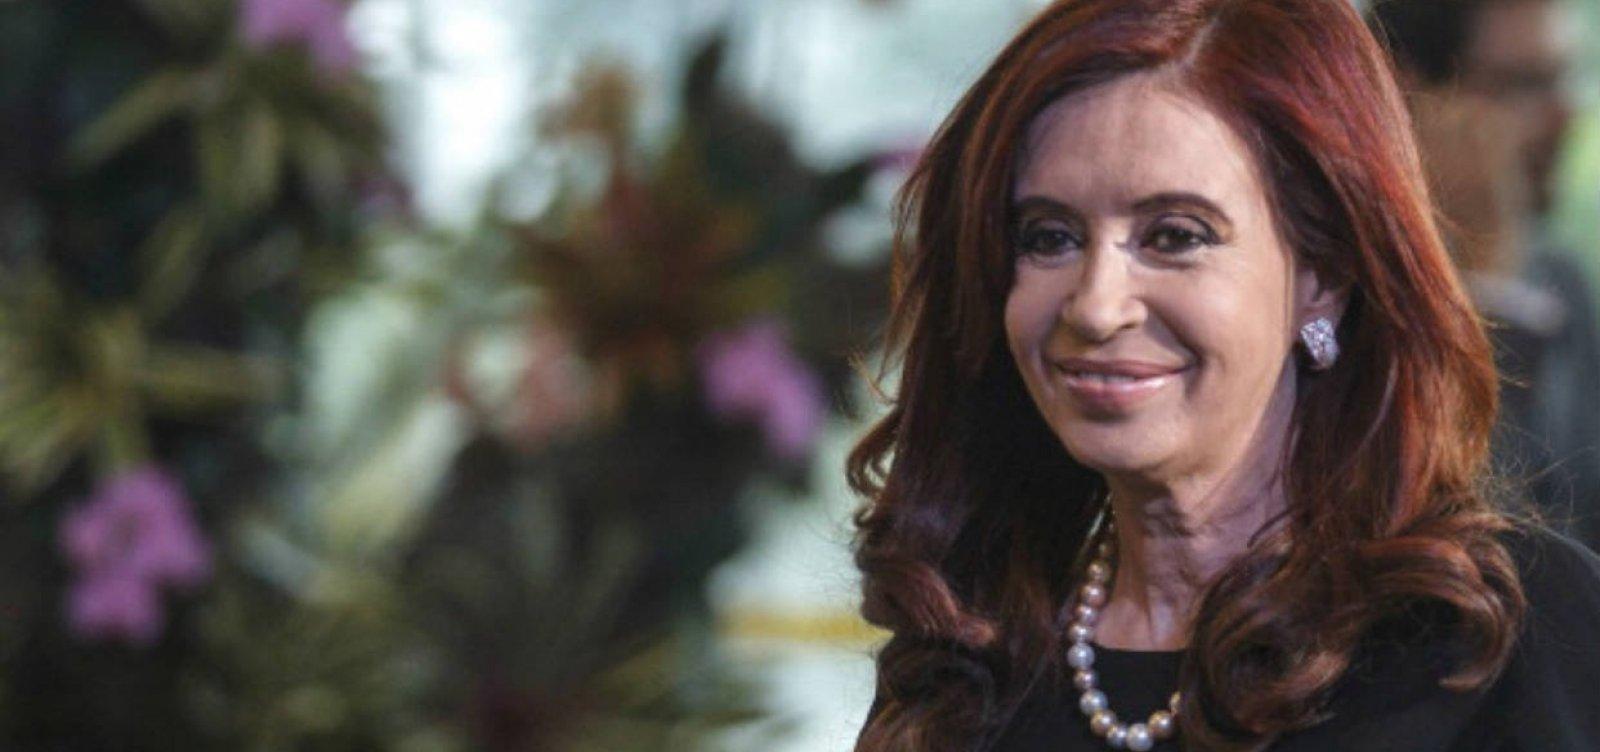 [Juiz argentino determina julgamento de Cristina Kirchner e filhos por lavagem de dinheiro]